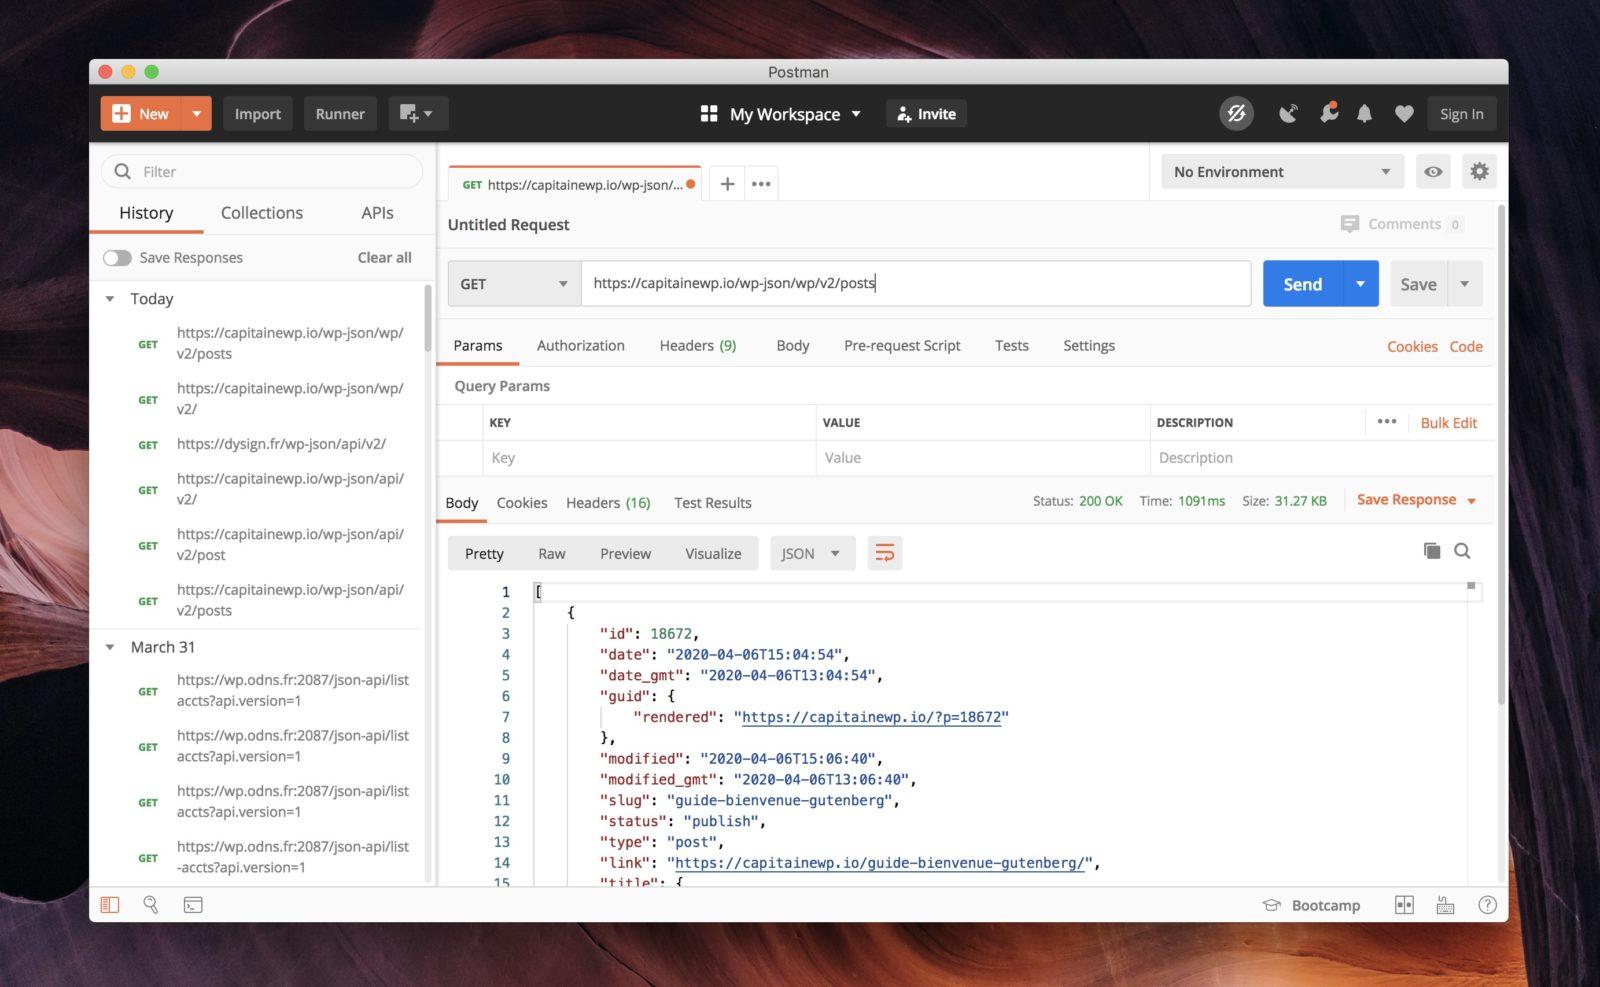 L'interface du logiciel Postman, pour gérer les API REST.